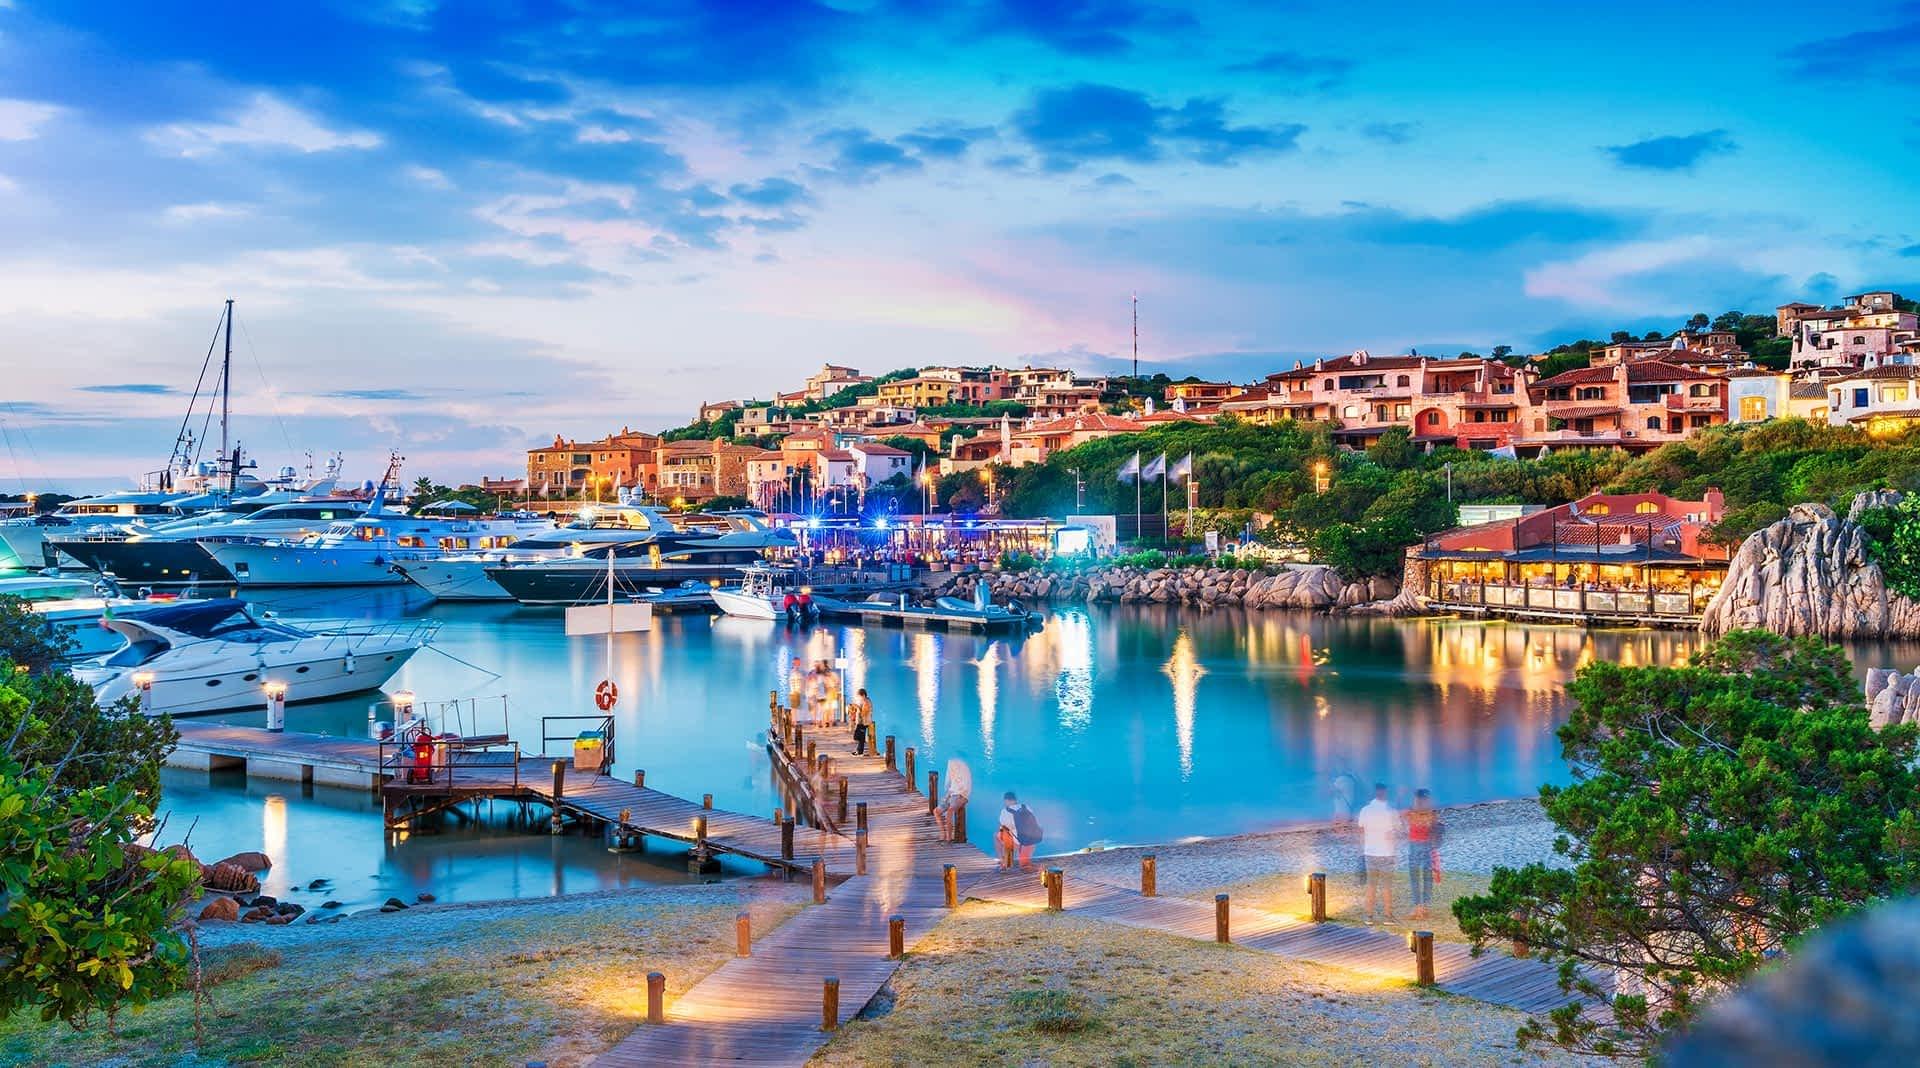 Blick auf den Hafen von Porto Cervo